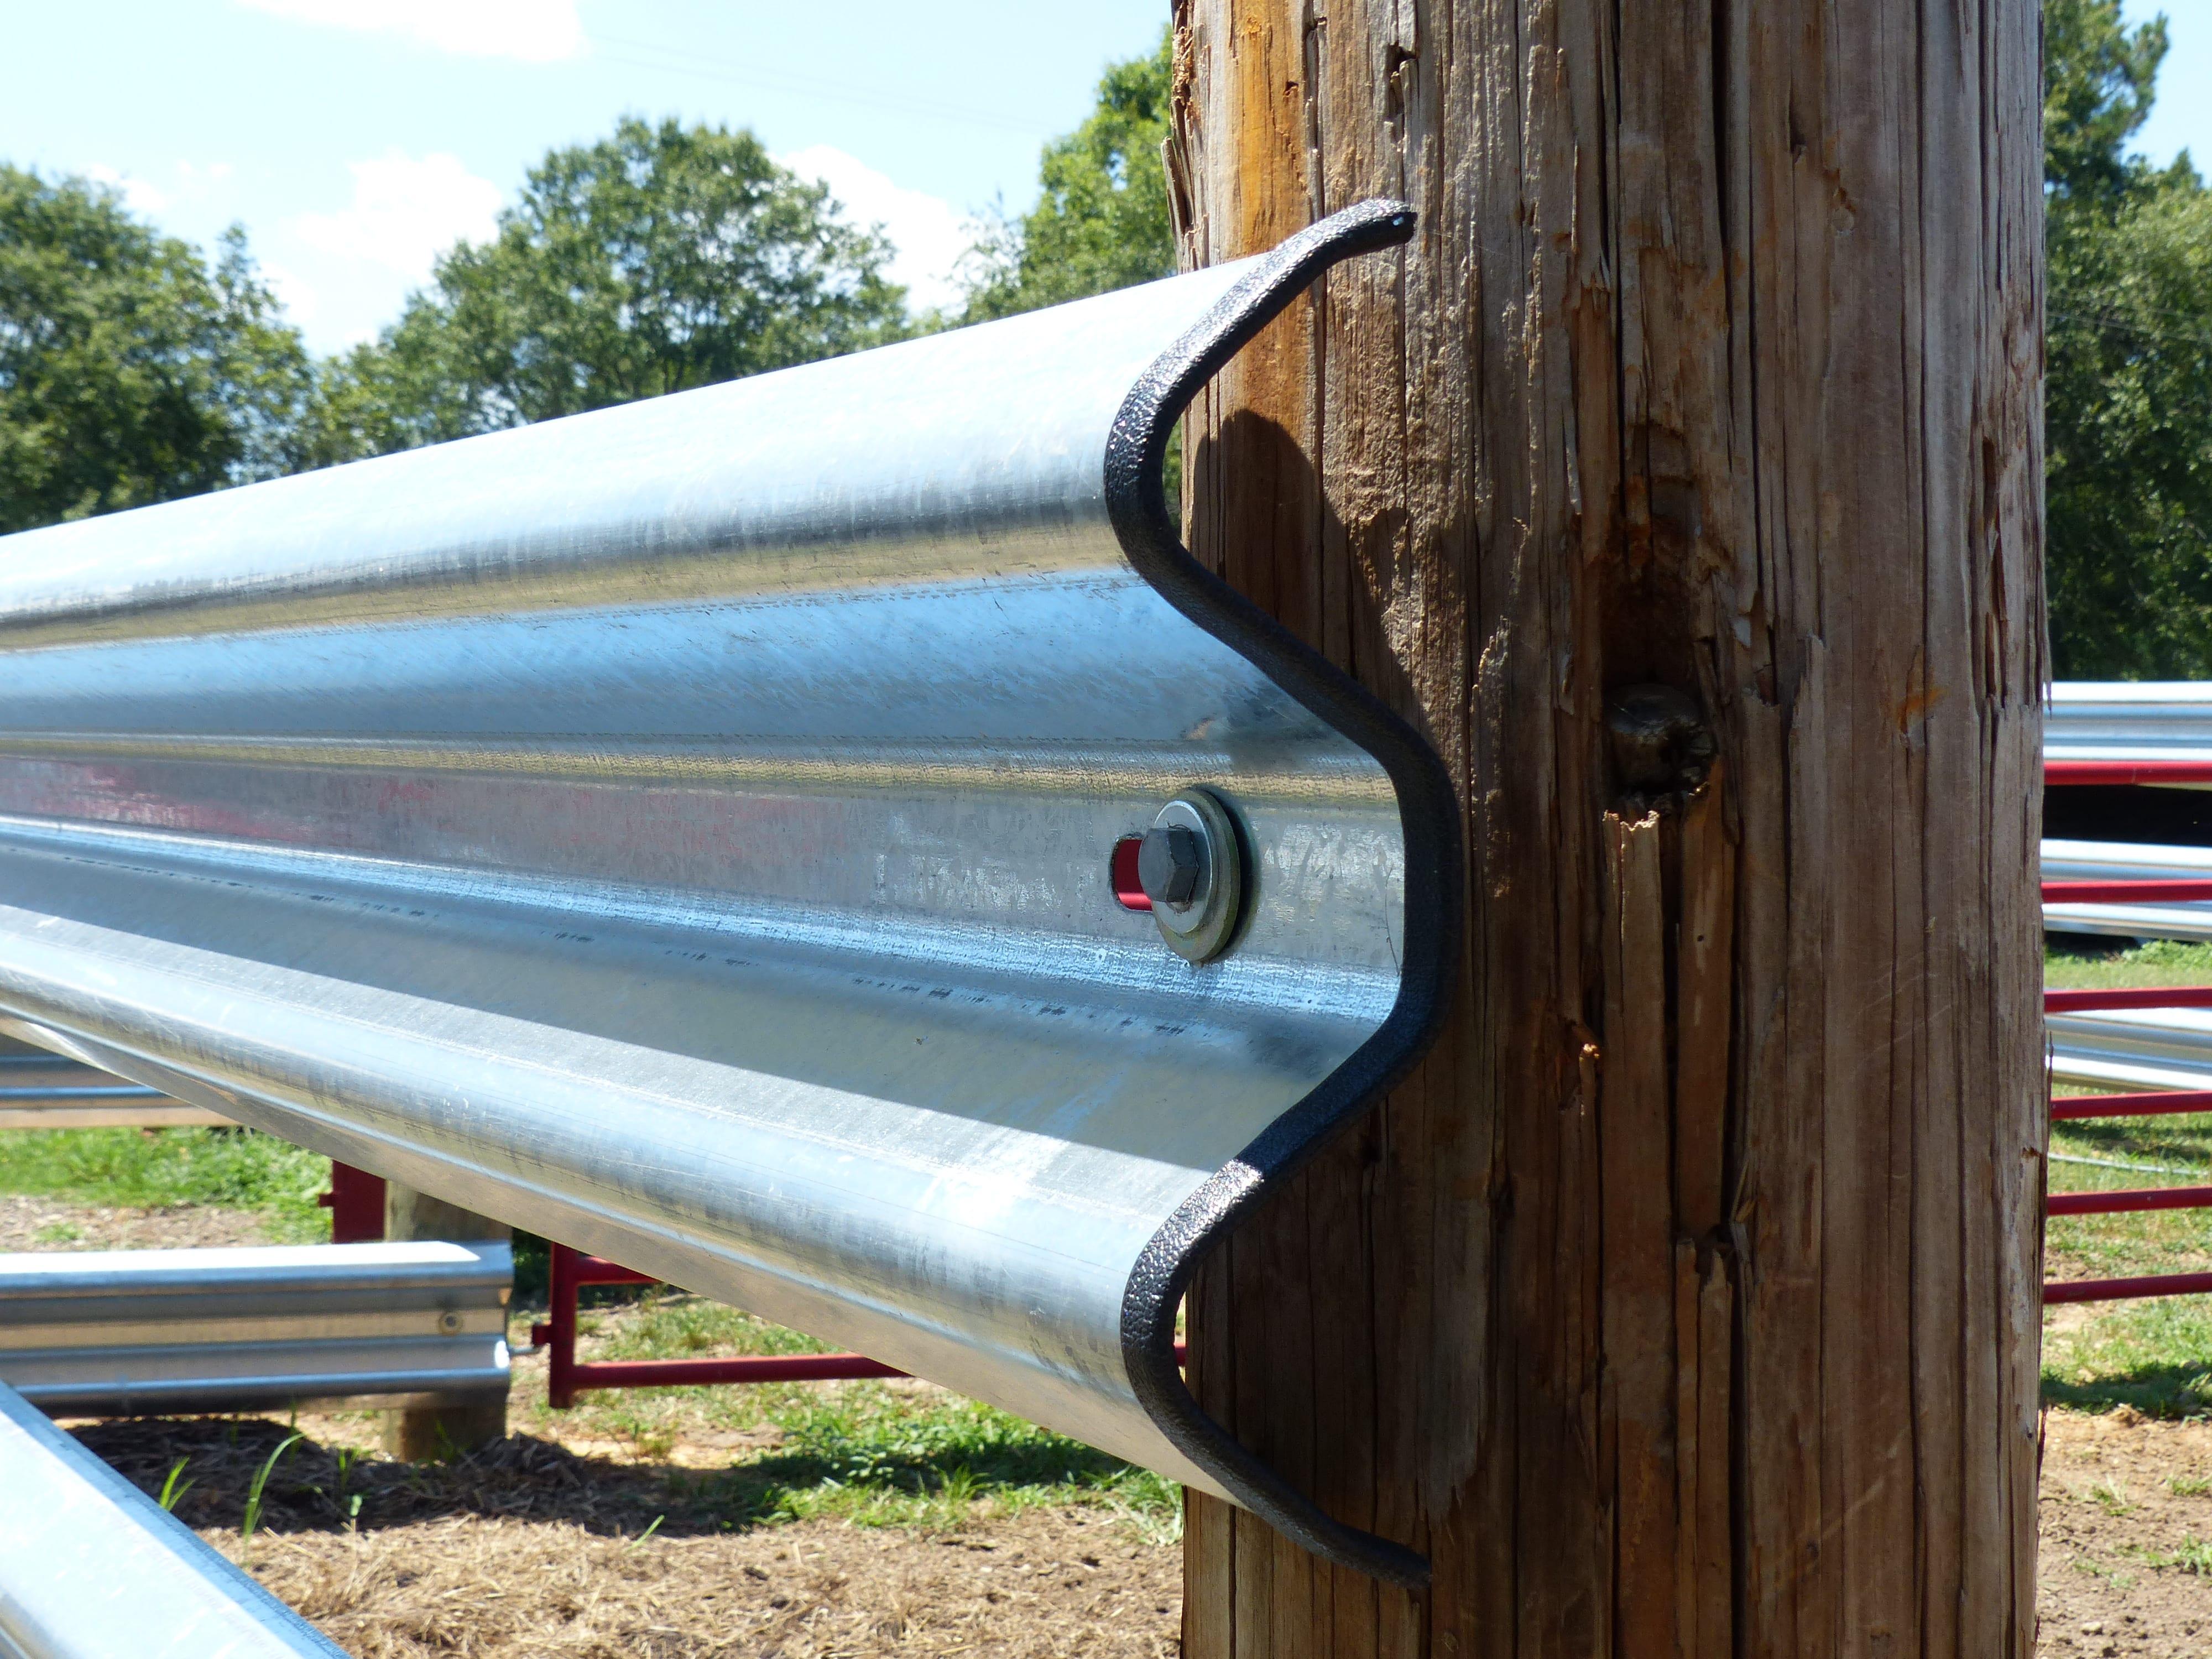 Rail-Trim for Guardrail Edging